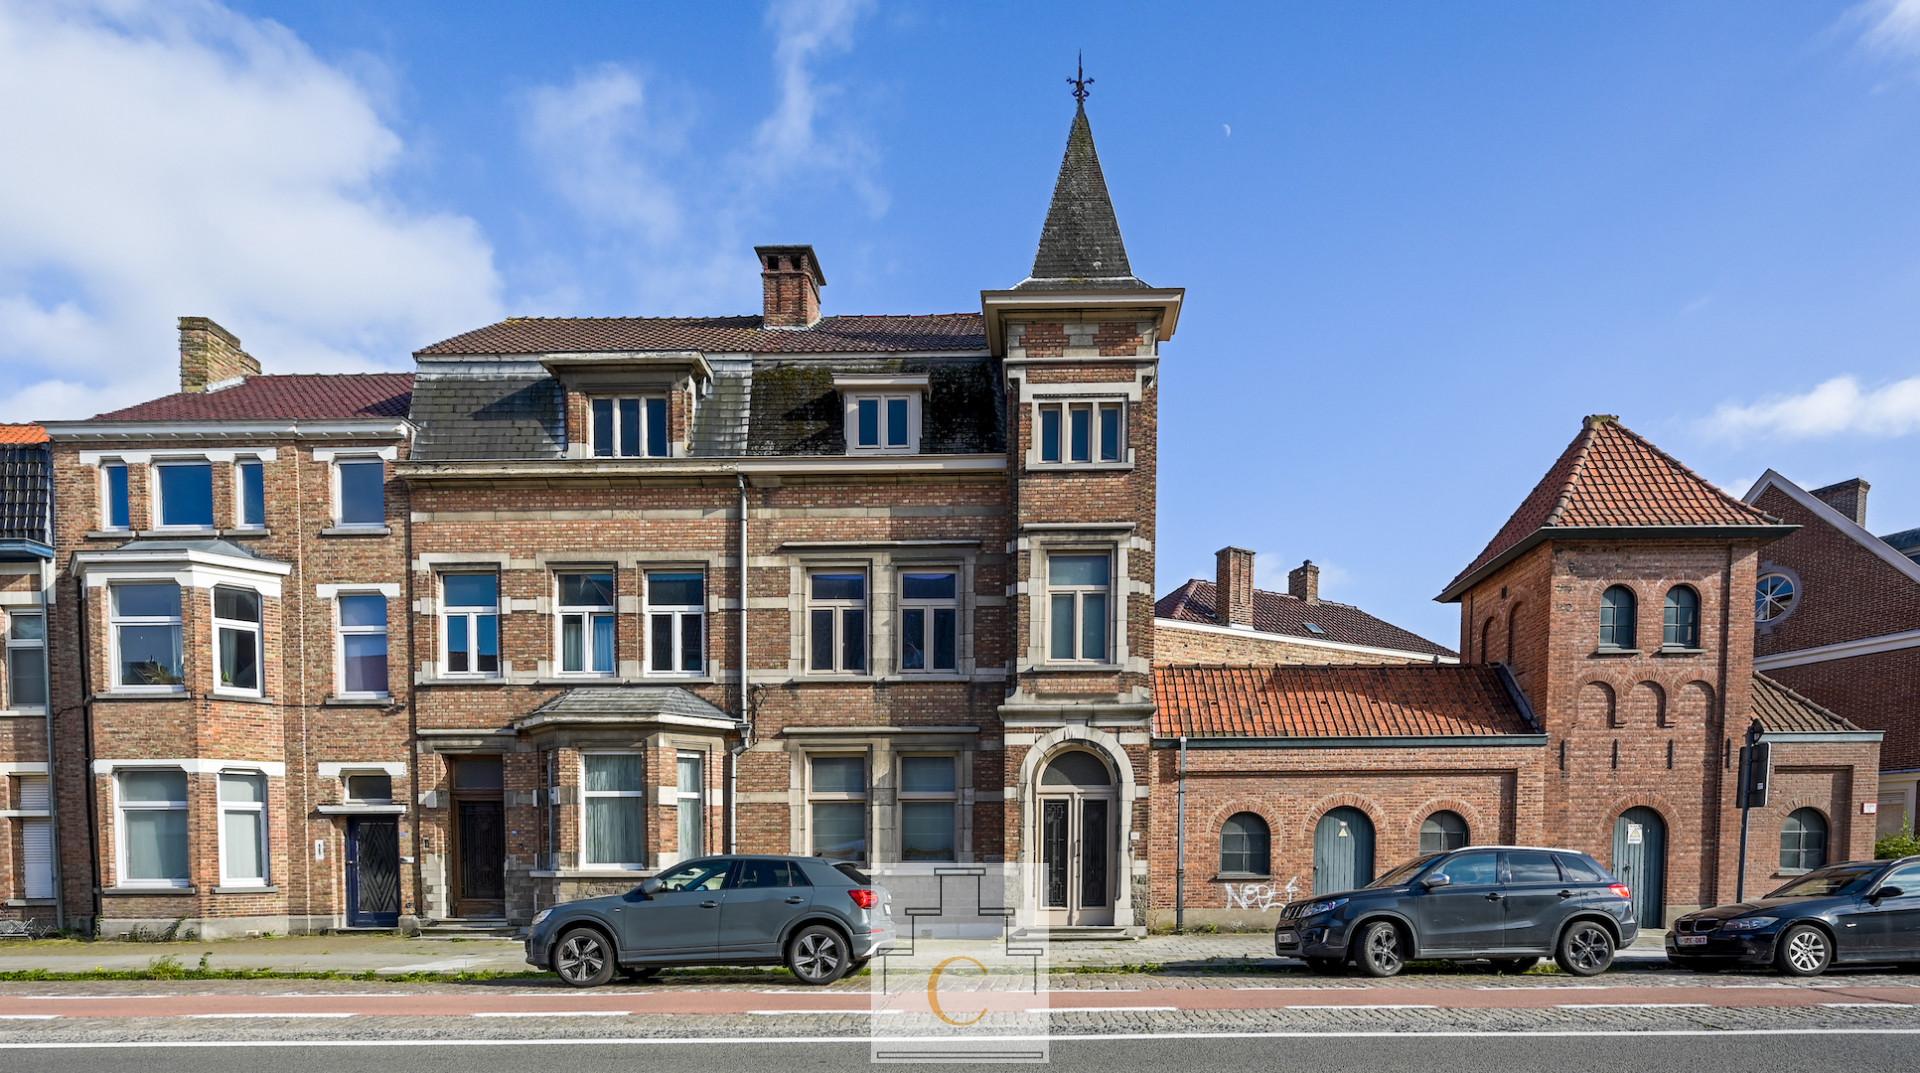 ruim en supercharmant burgerhuis met torentje en zuidgerichte stadstuin – vlakbij Smedenpoort